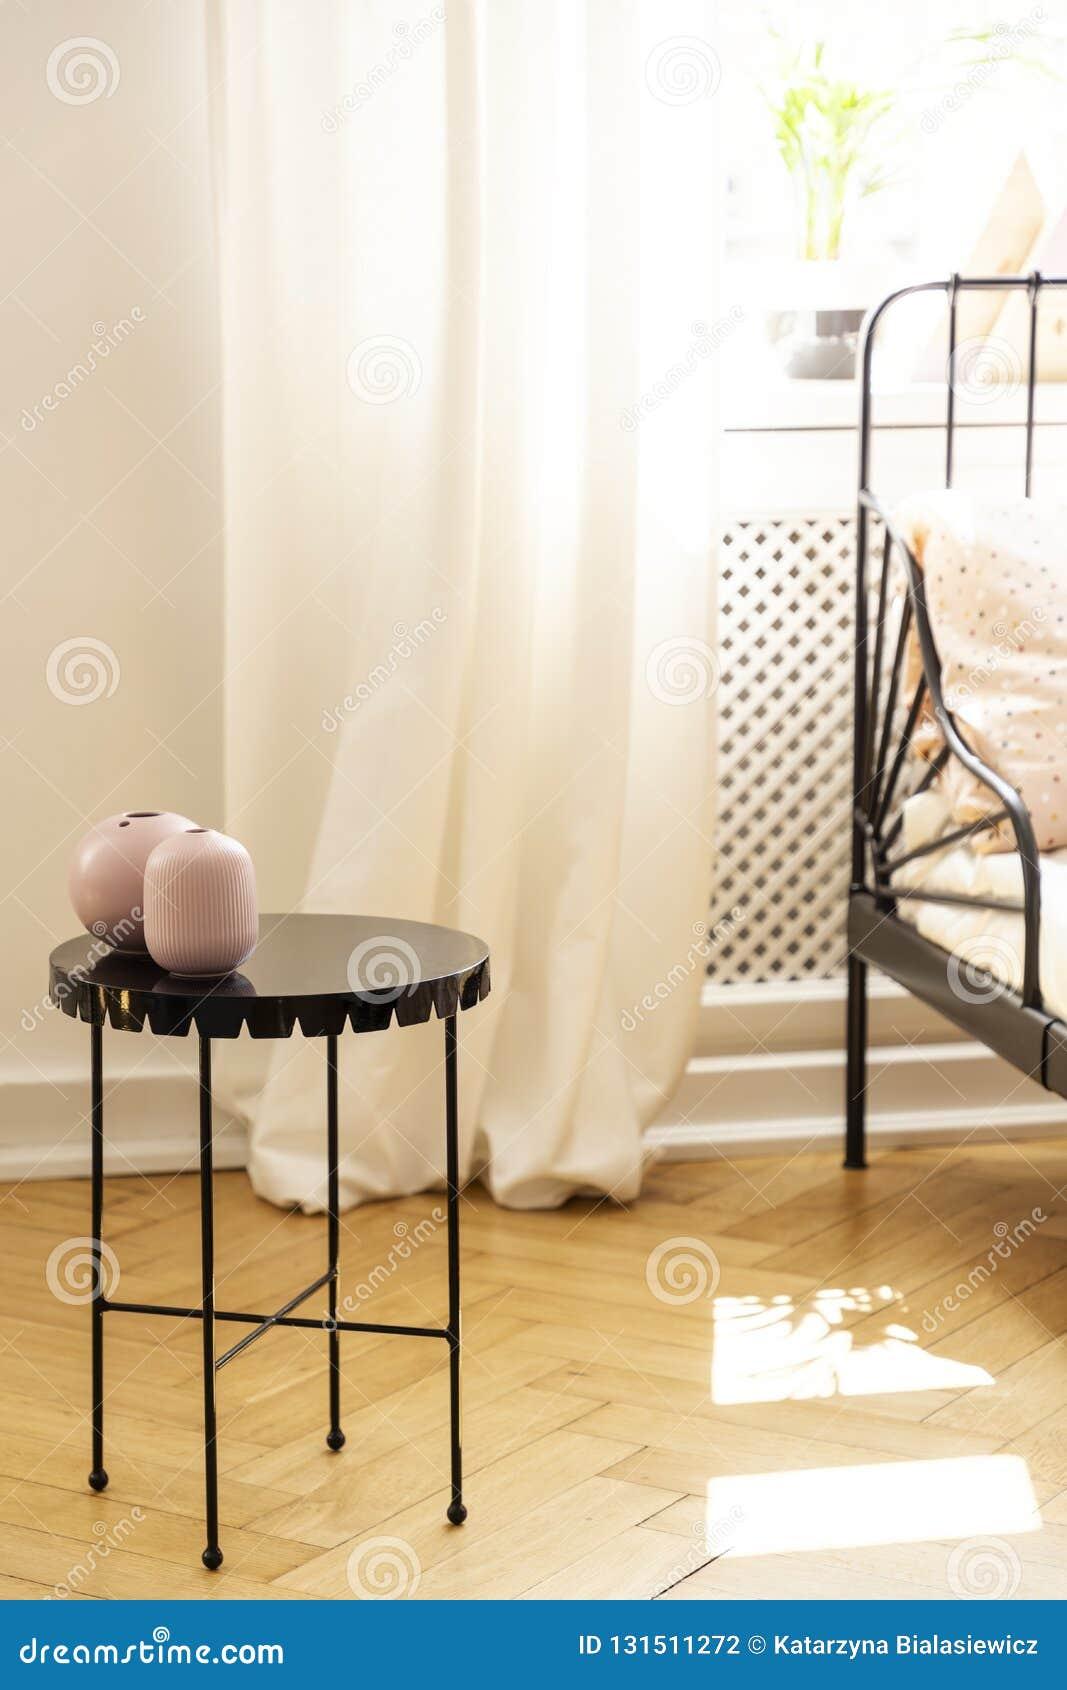 Table en métal avec un vase décoratif dans un intérieur de chambre à coucher